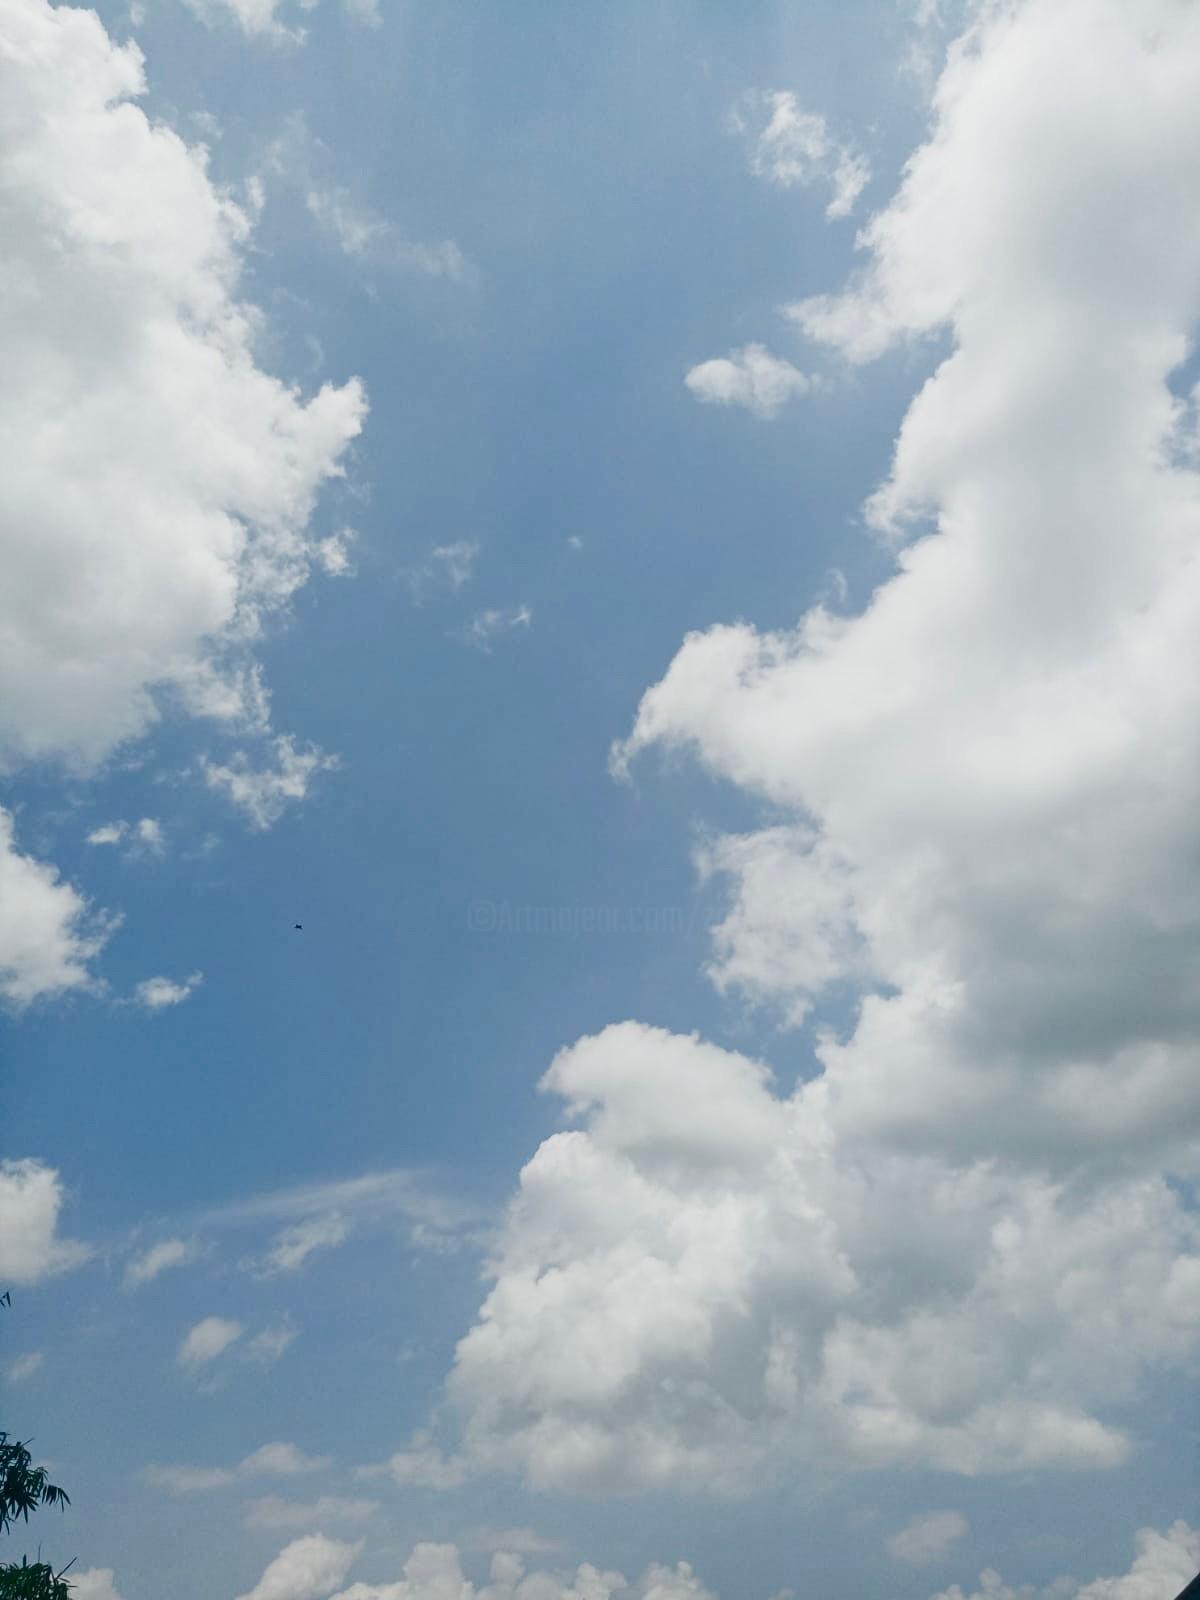 Zoé Valy - Nous partageons le même ciel